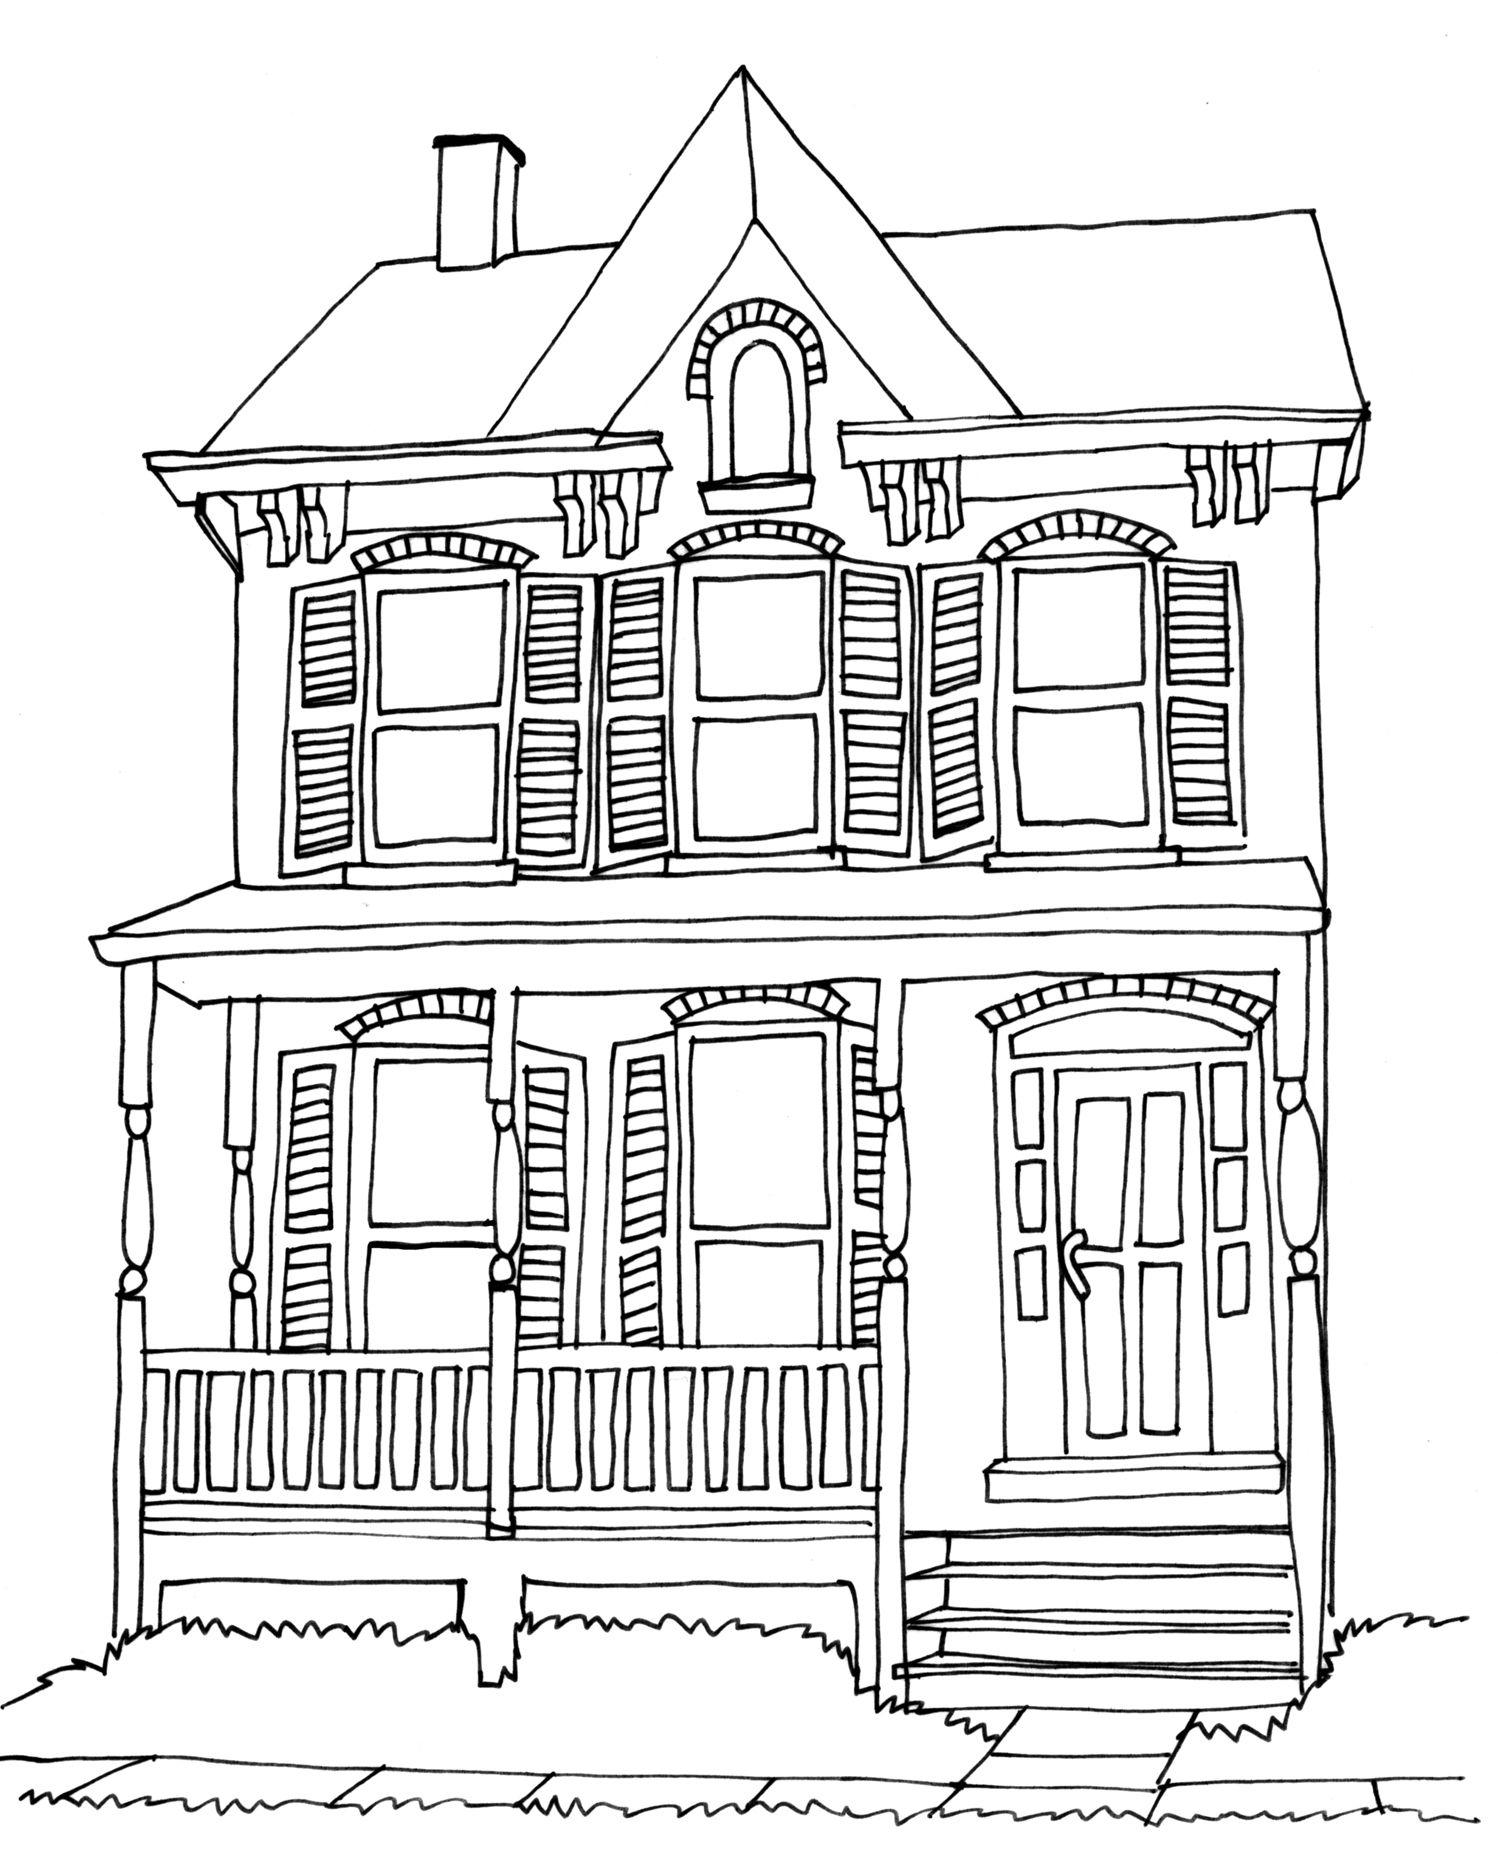 House Pencil Sketch : house, pencil, sketch, Tolerance